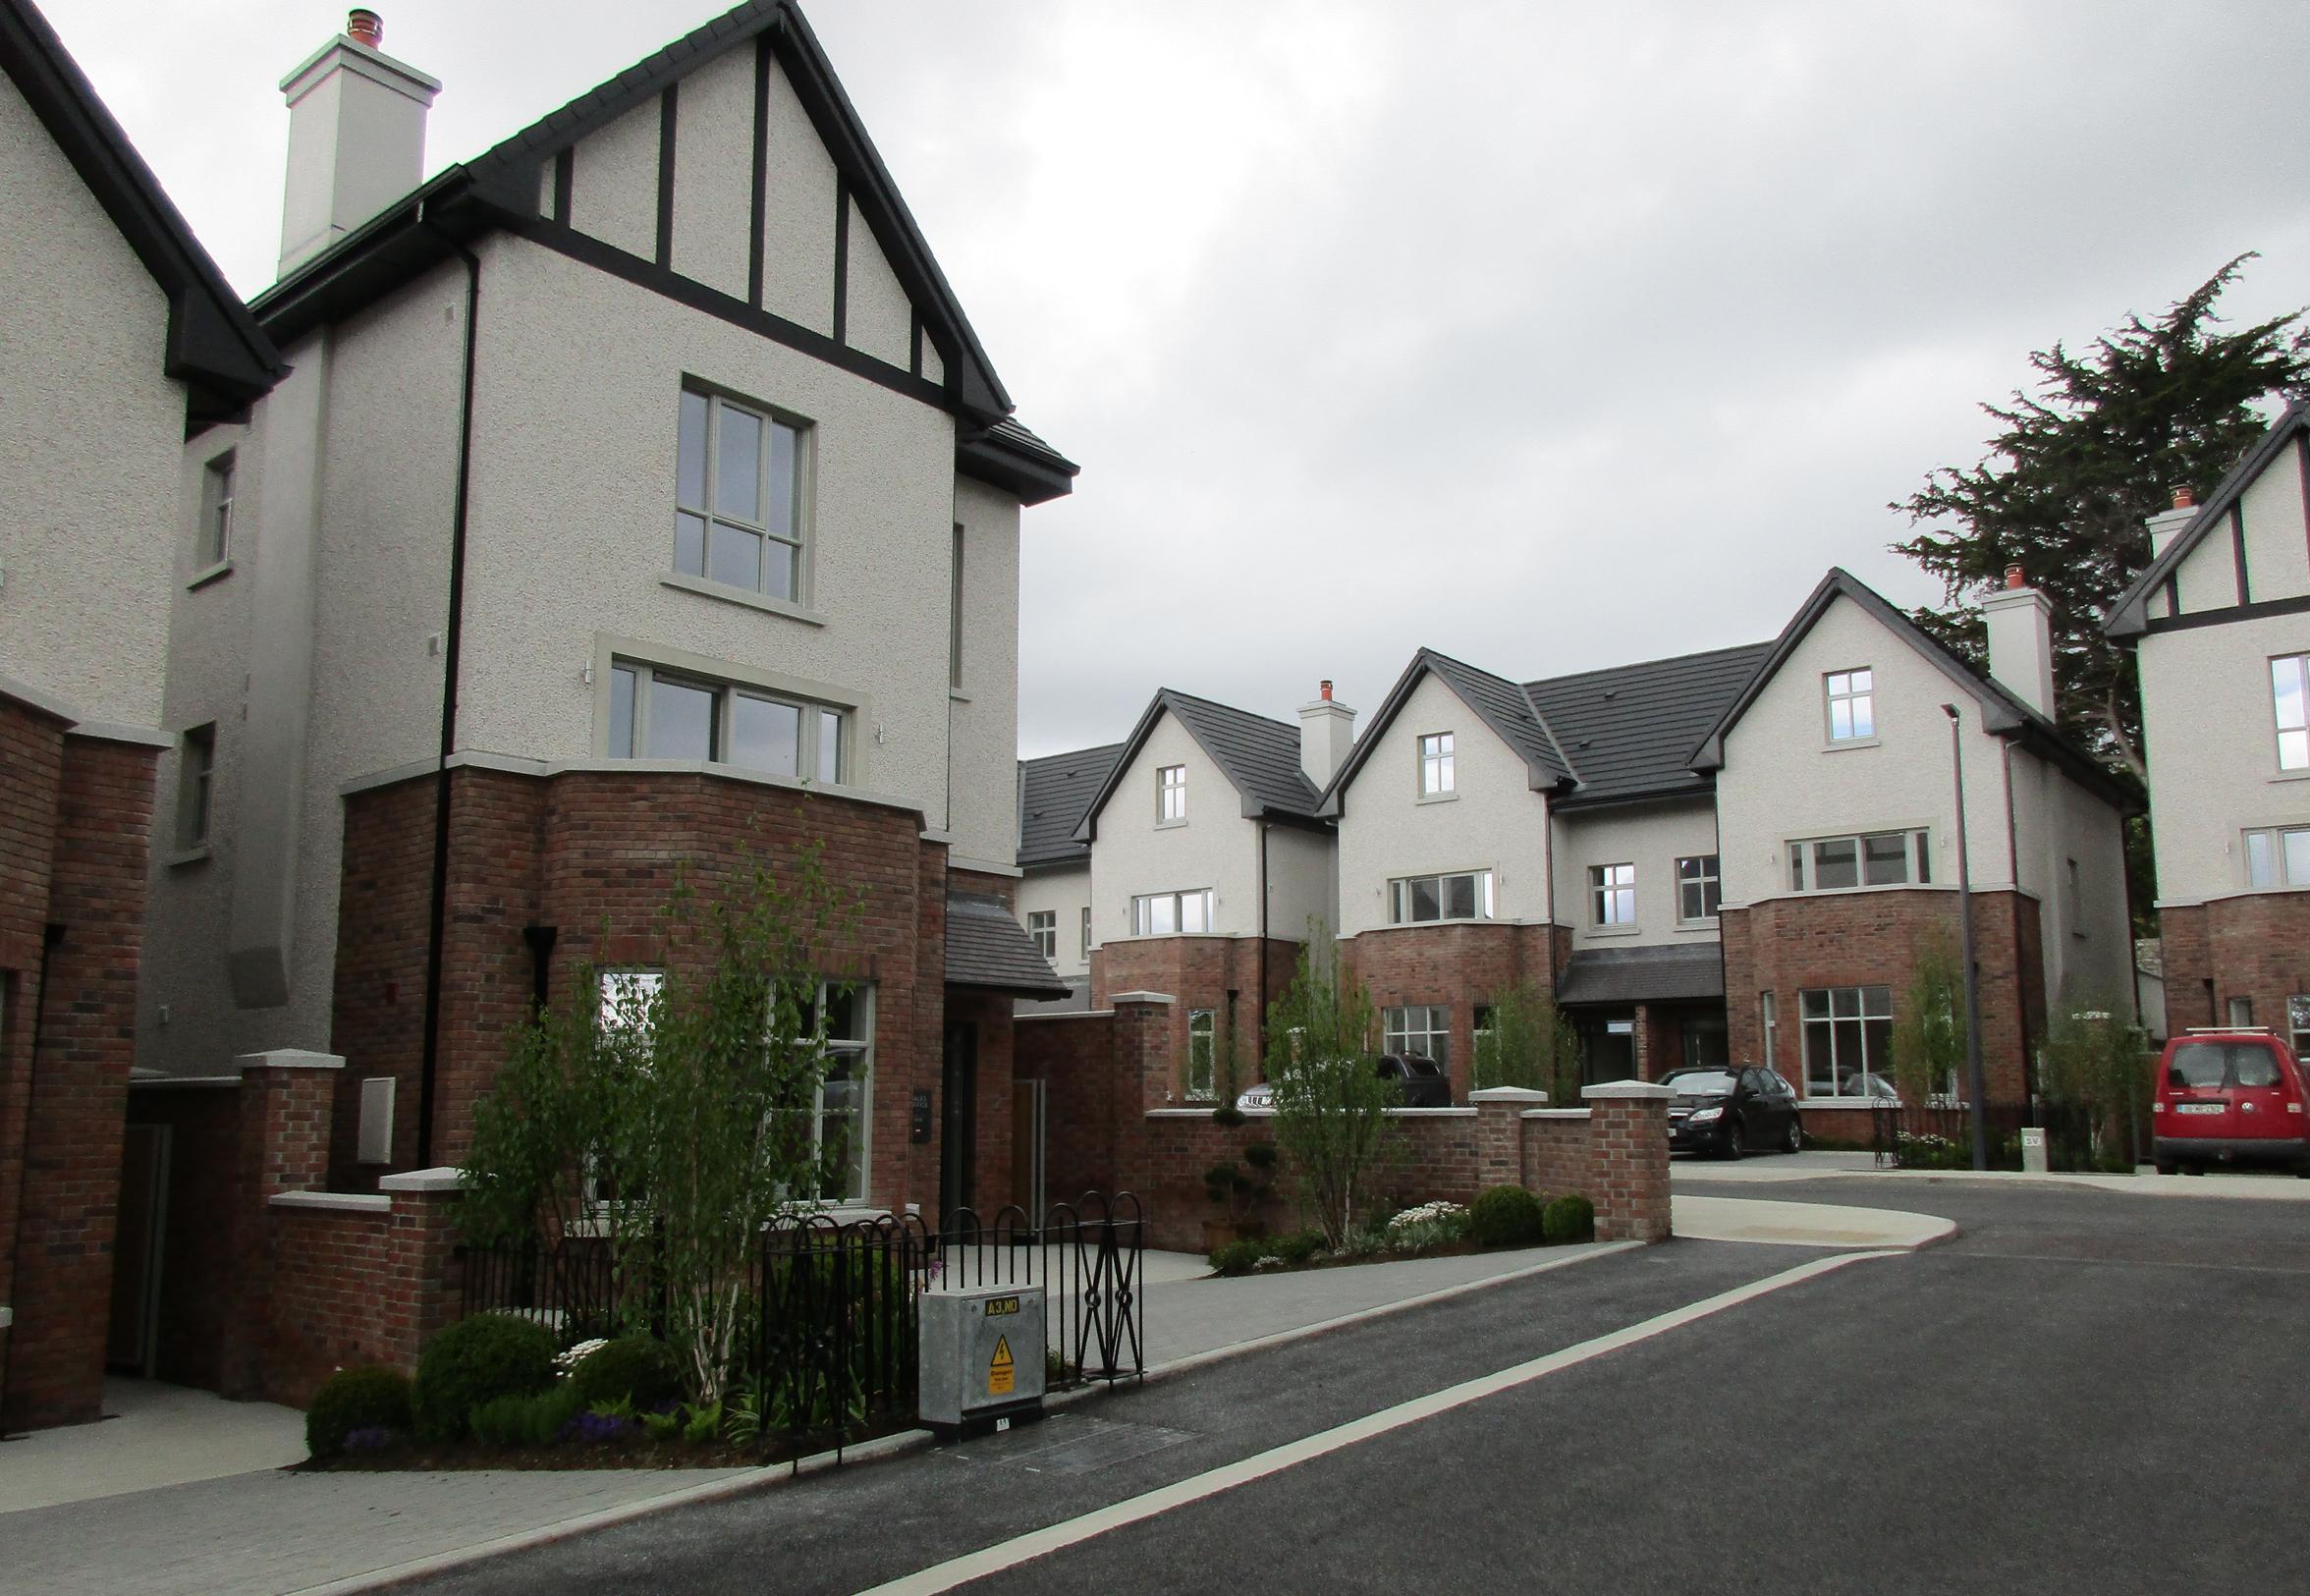 ALBANY HOUSE KILLINEY DUBLIN